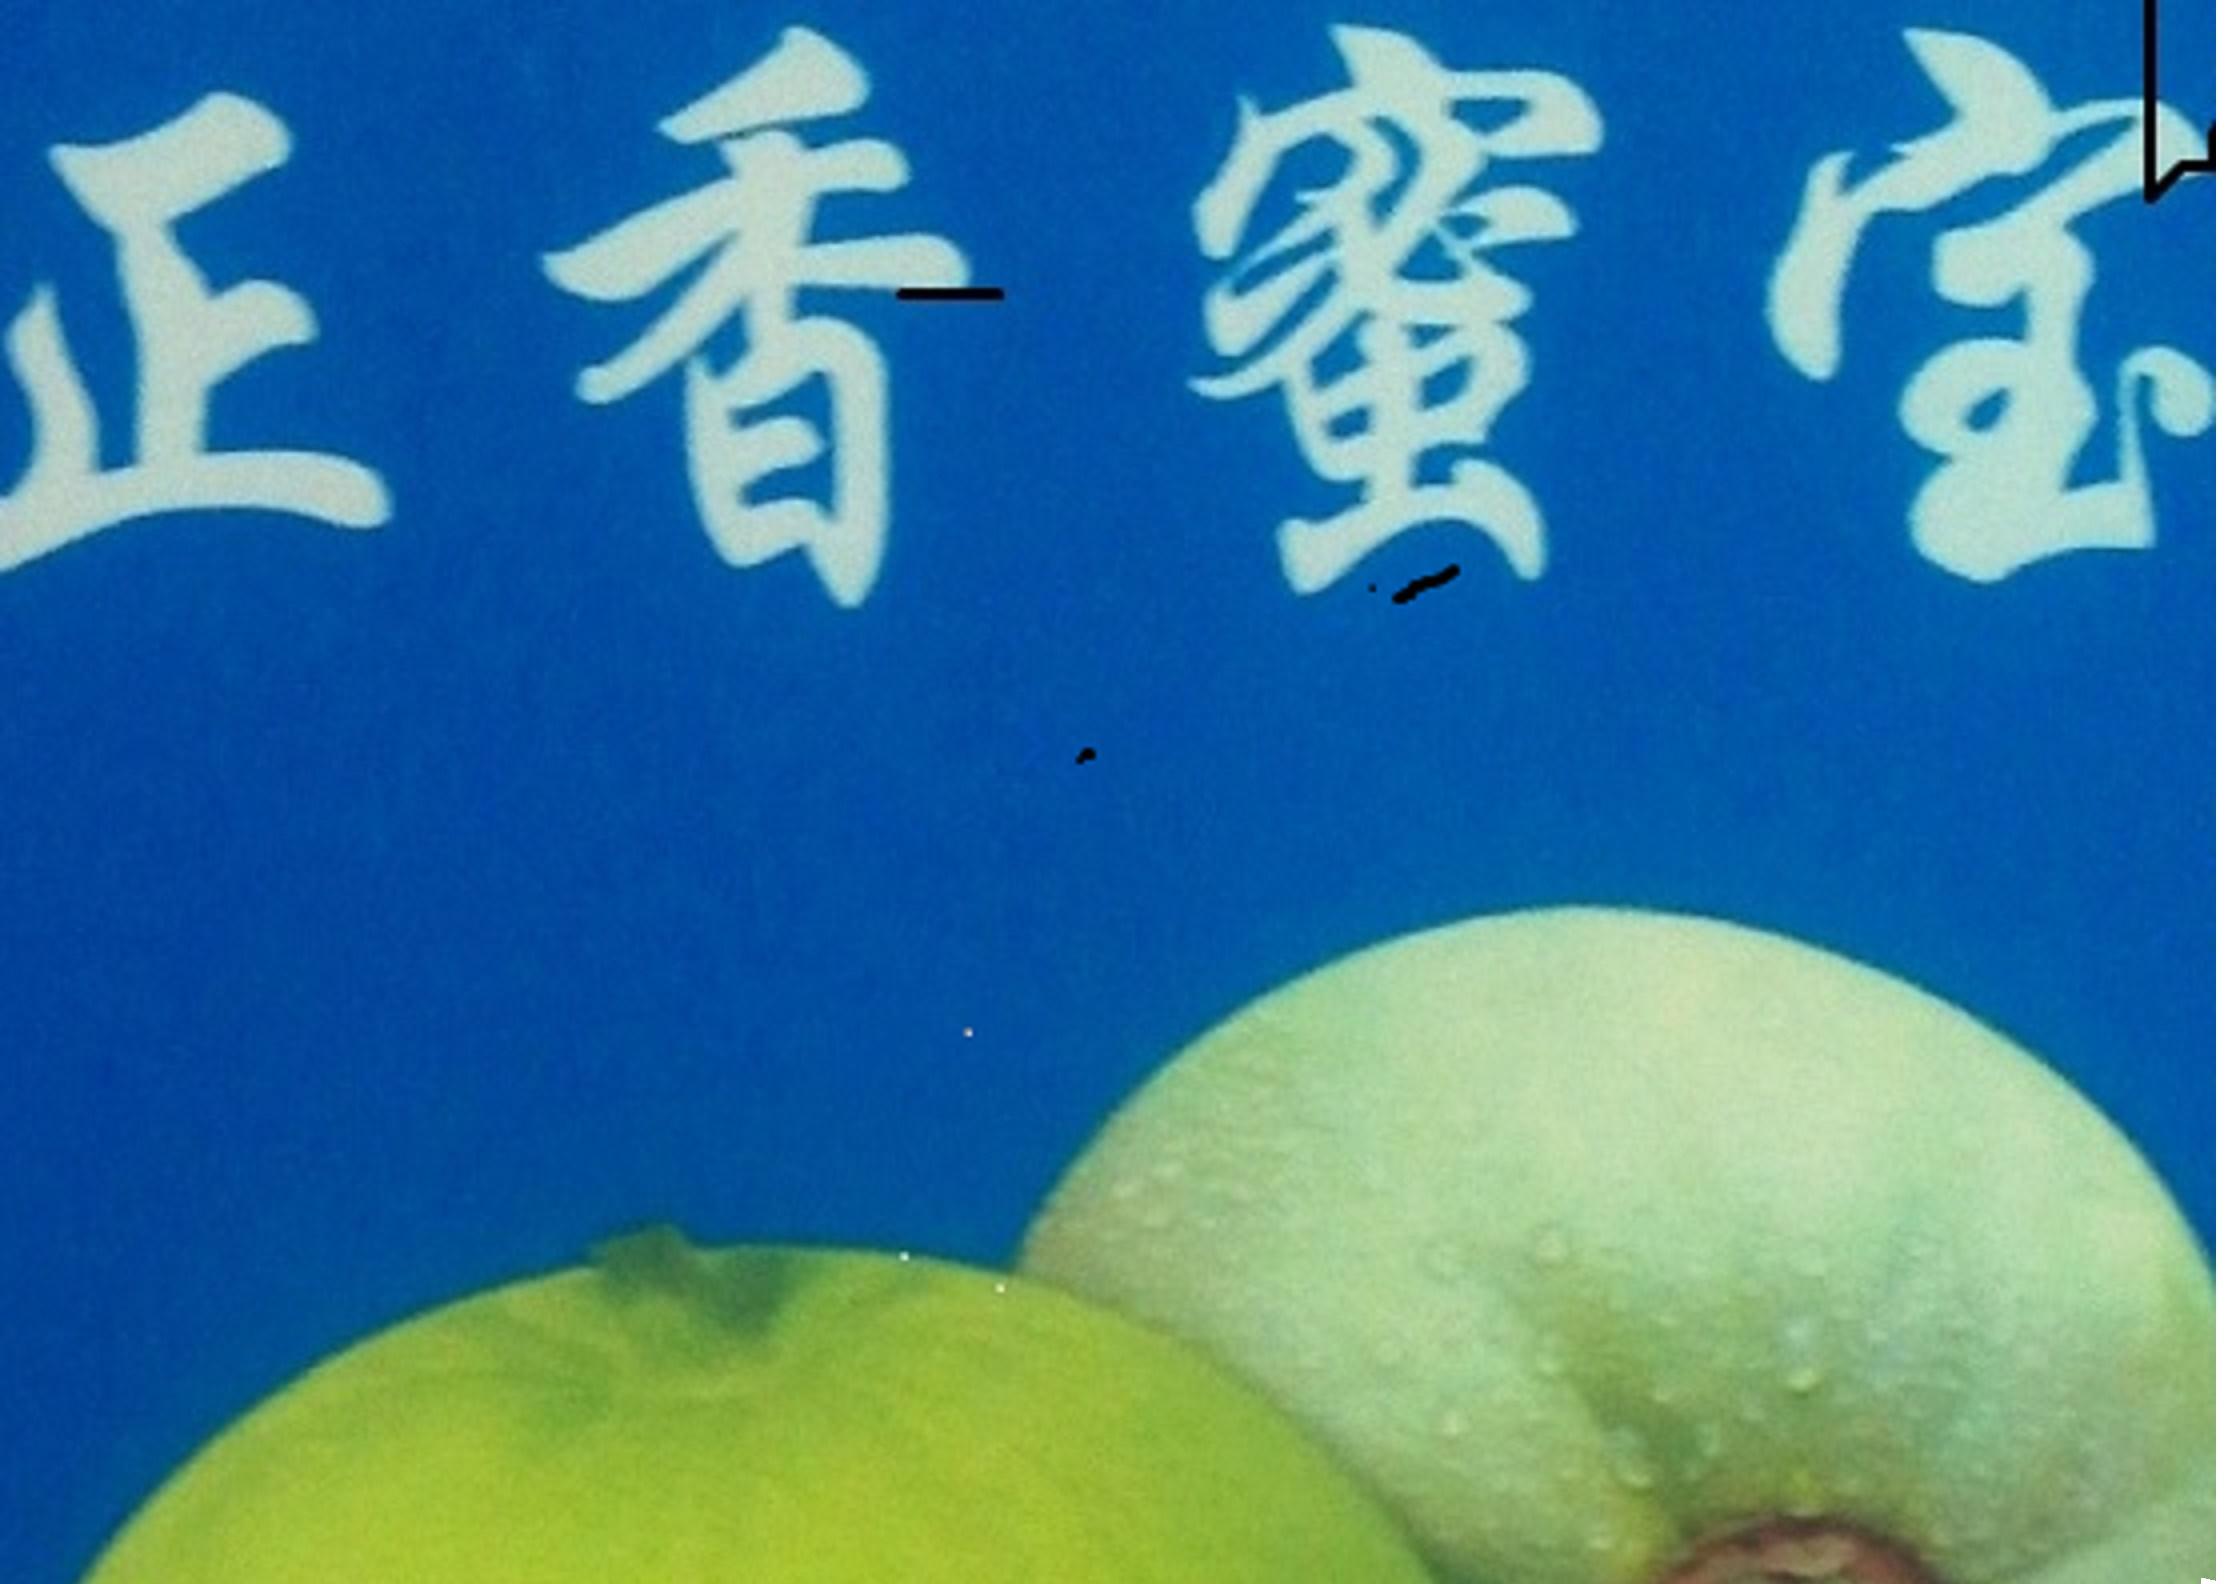 壁纸 海底 海底世界 海洋馆 水族馆 2232_1584